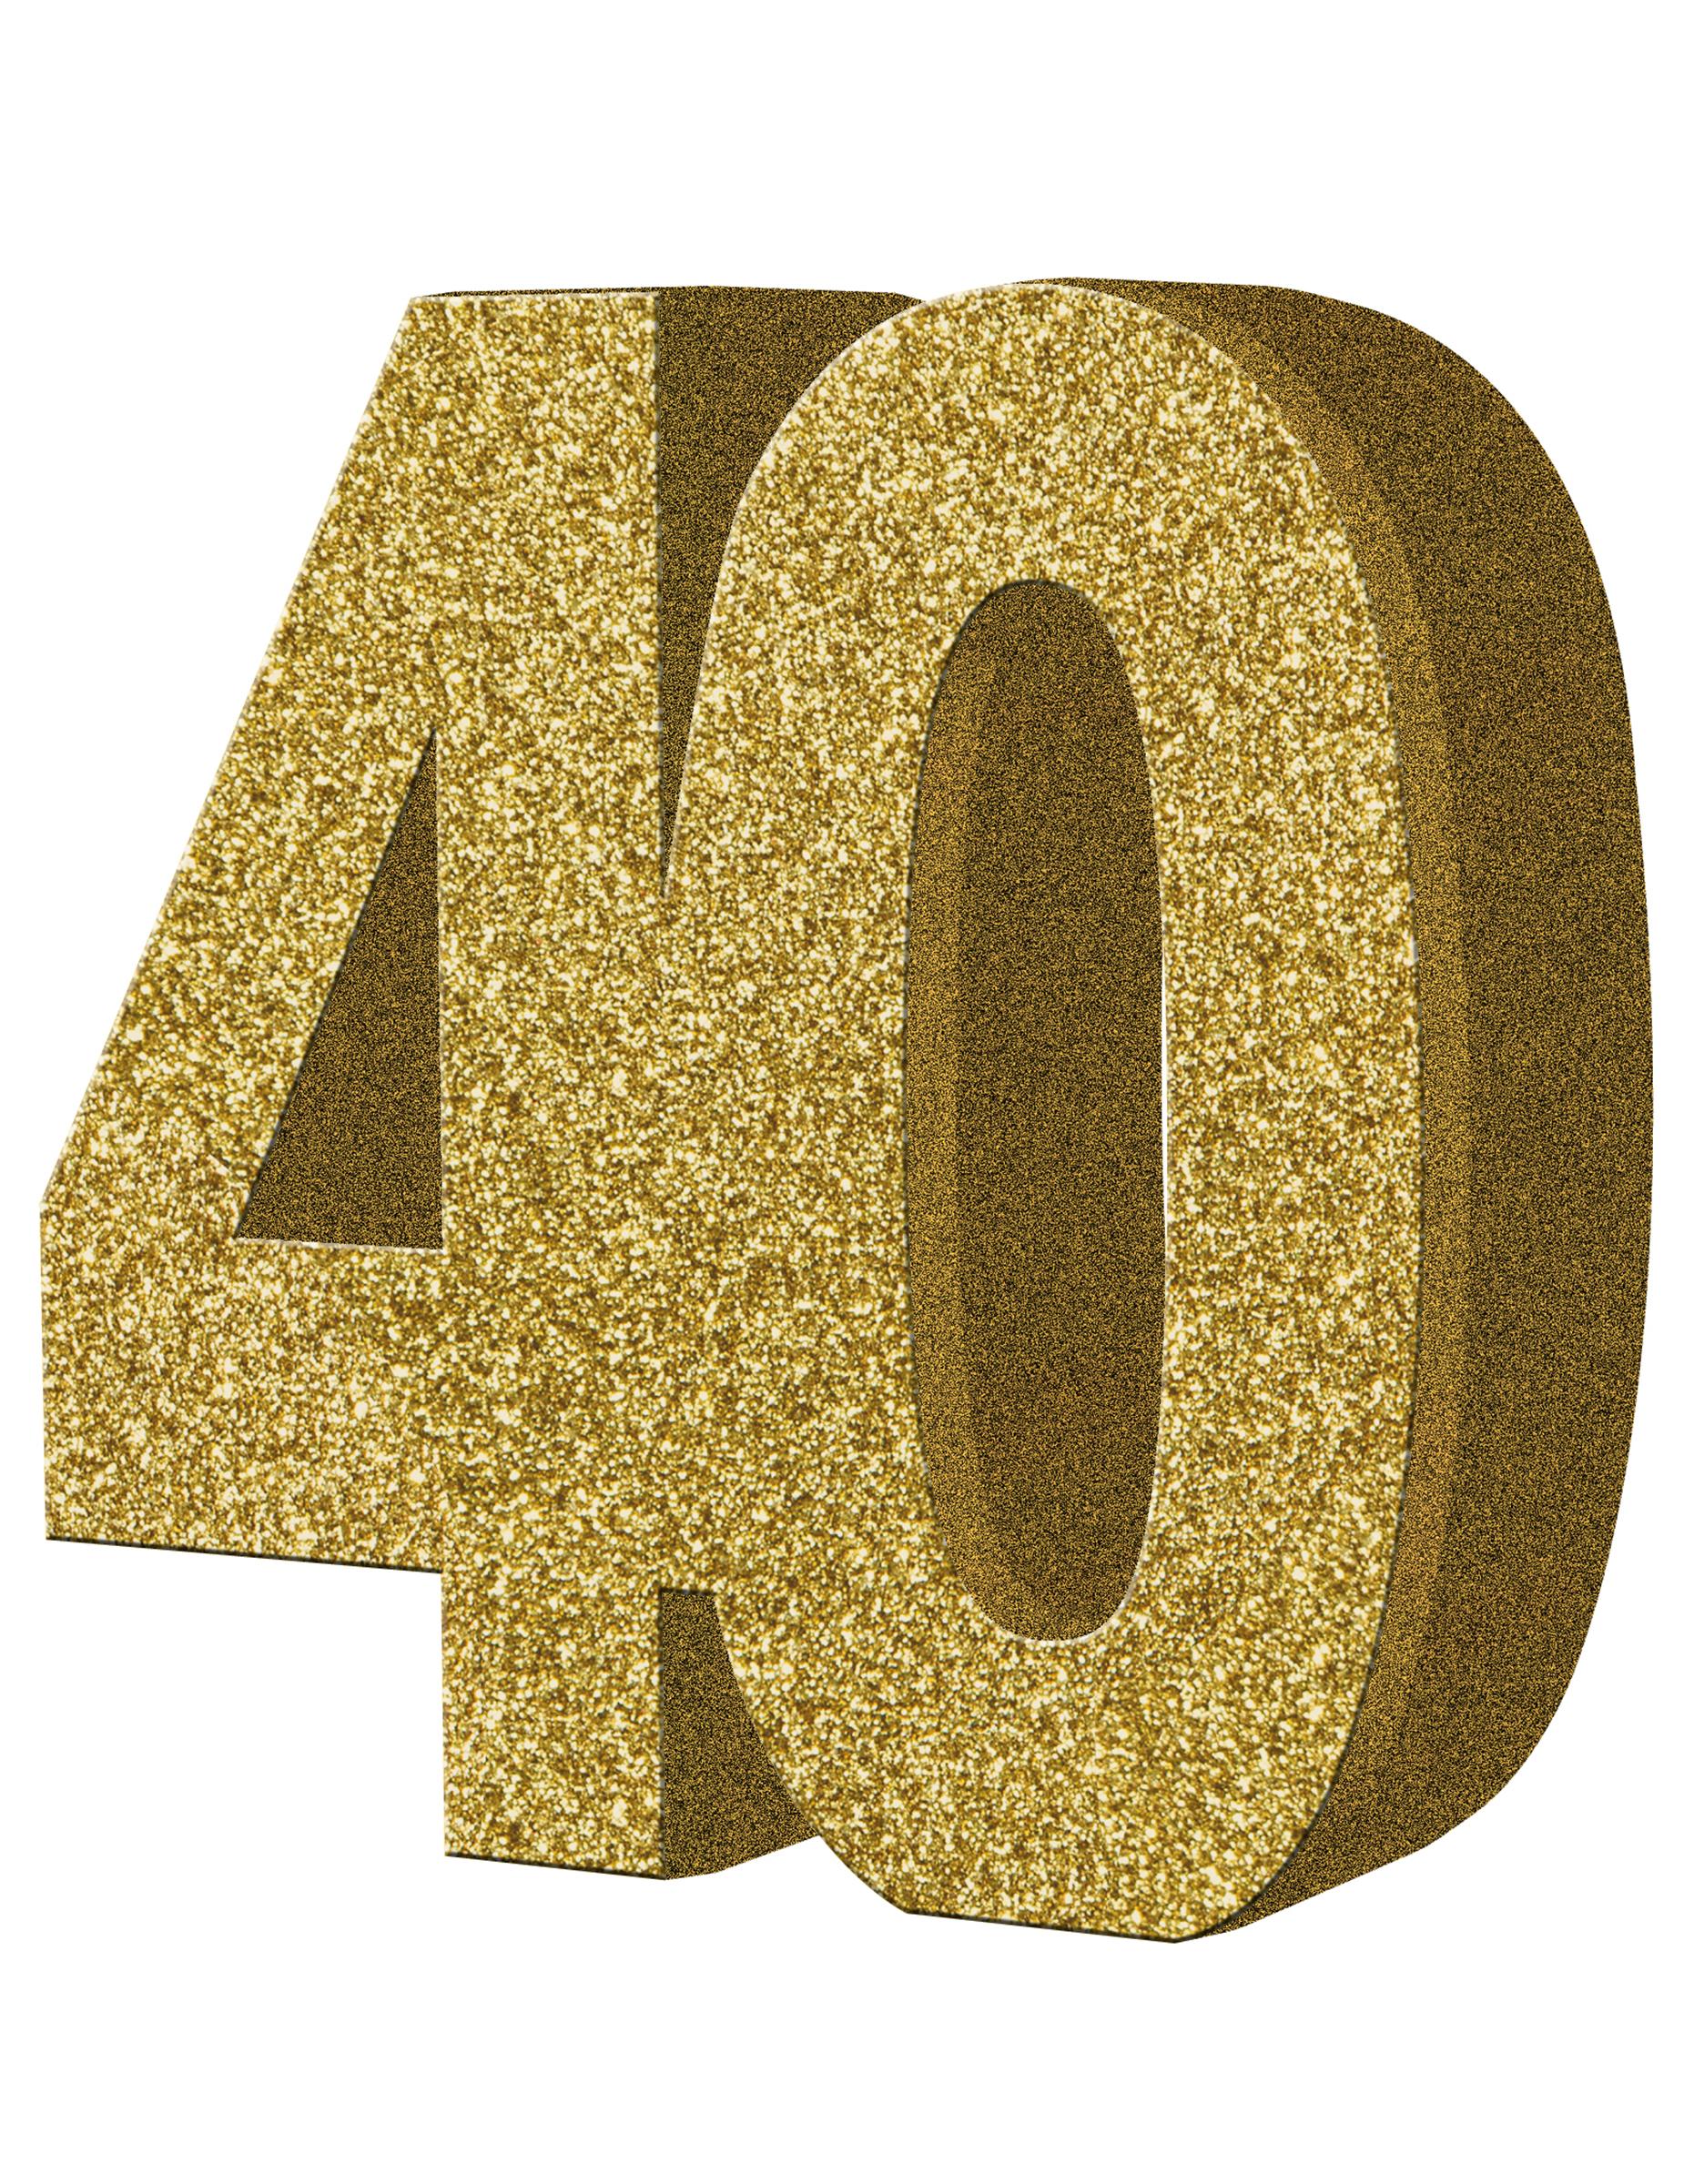 D coration de table 40 ans or 20 x 20 cm d coration - Decoration de table anniversaire 40 ans ...